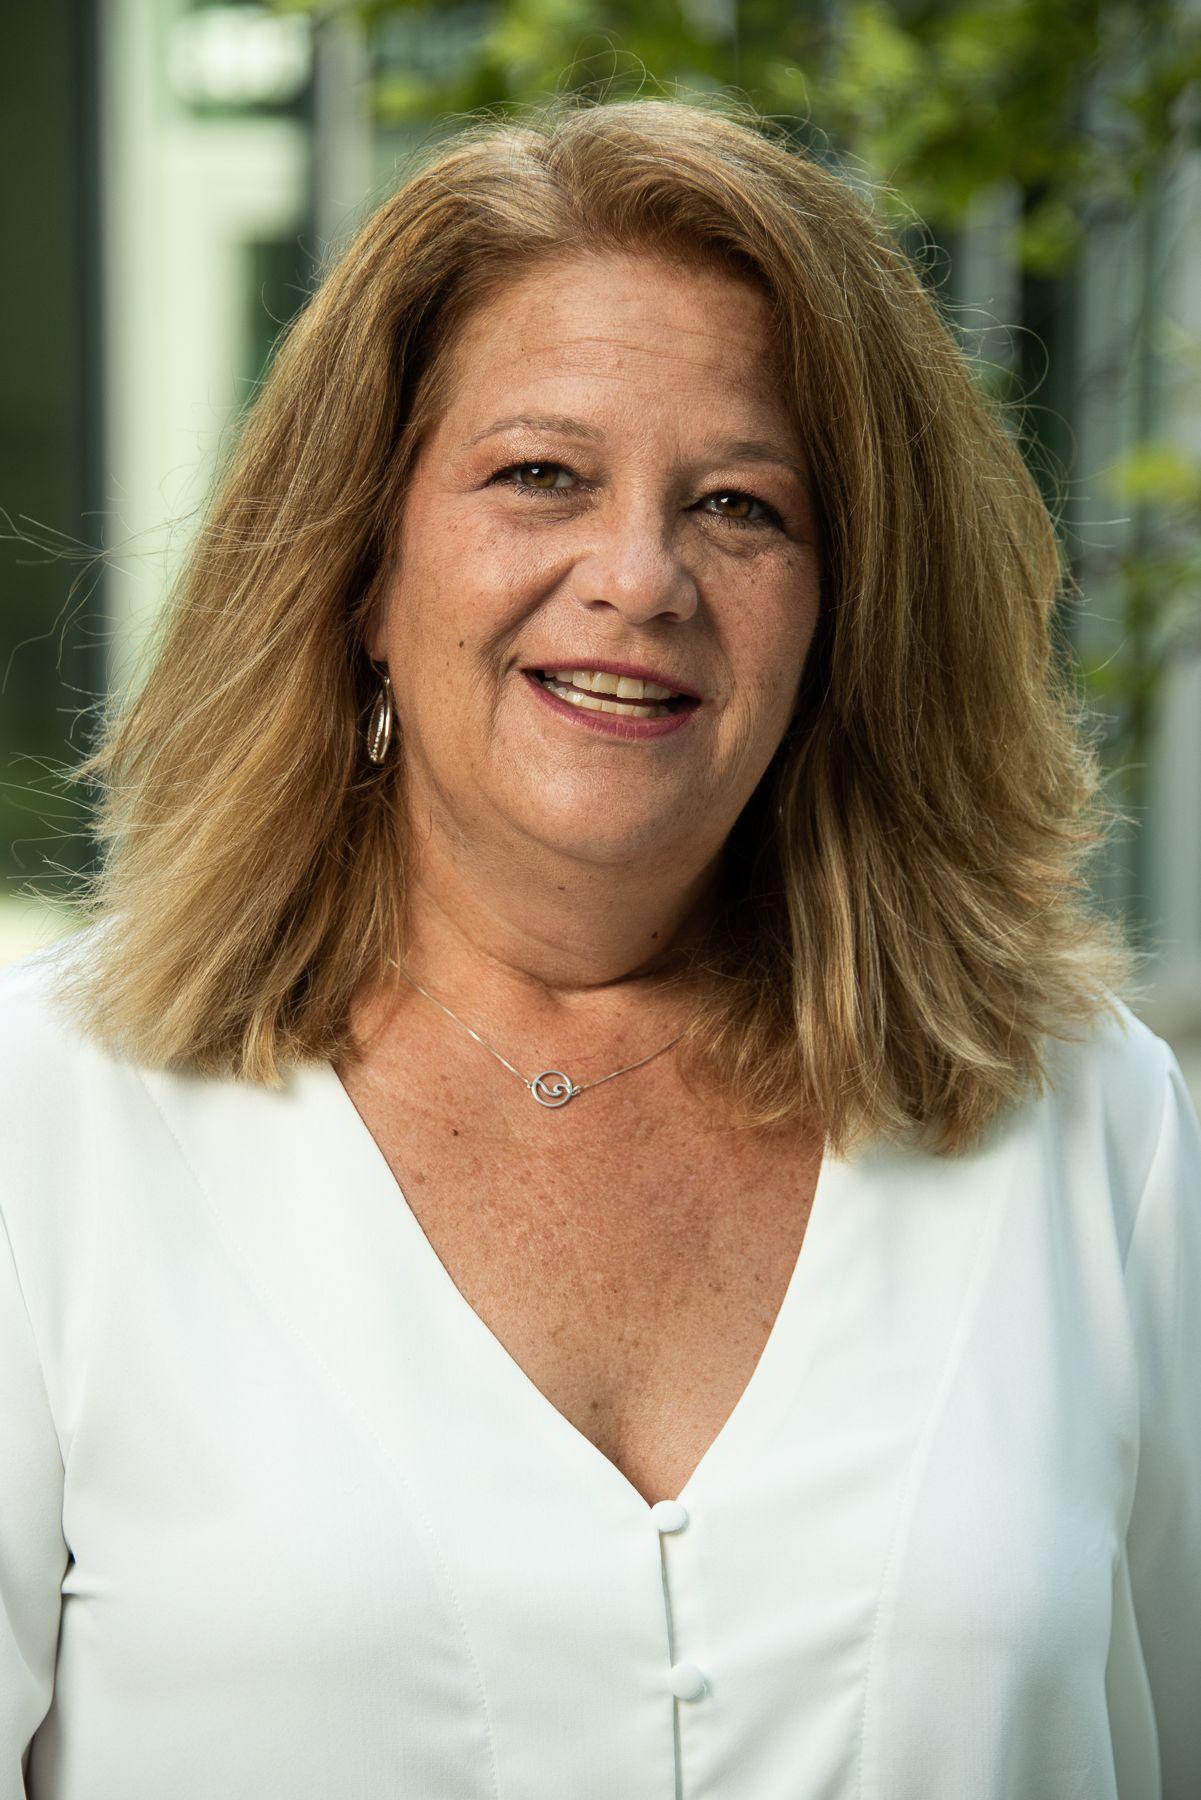 Cheryl Munn